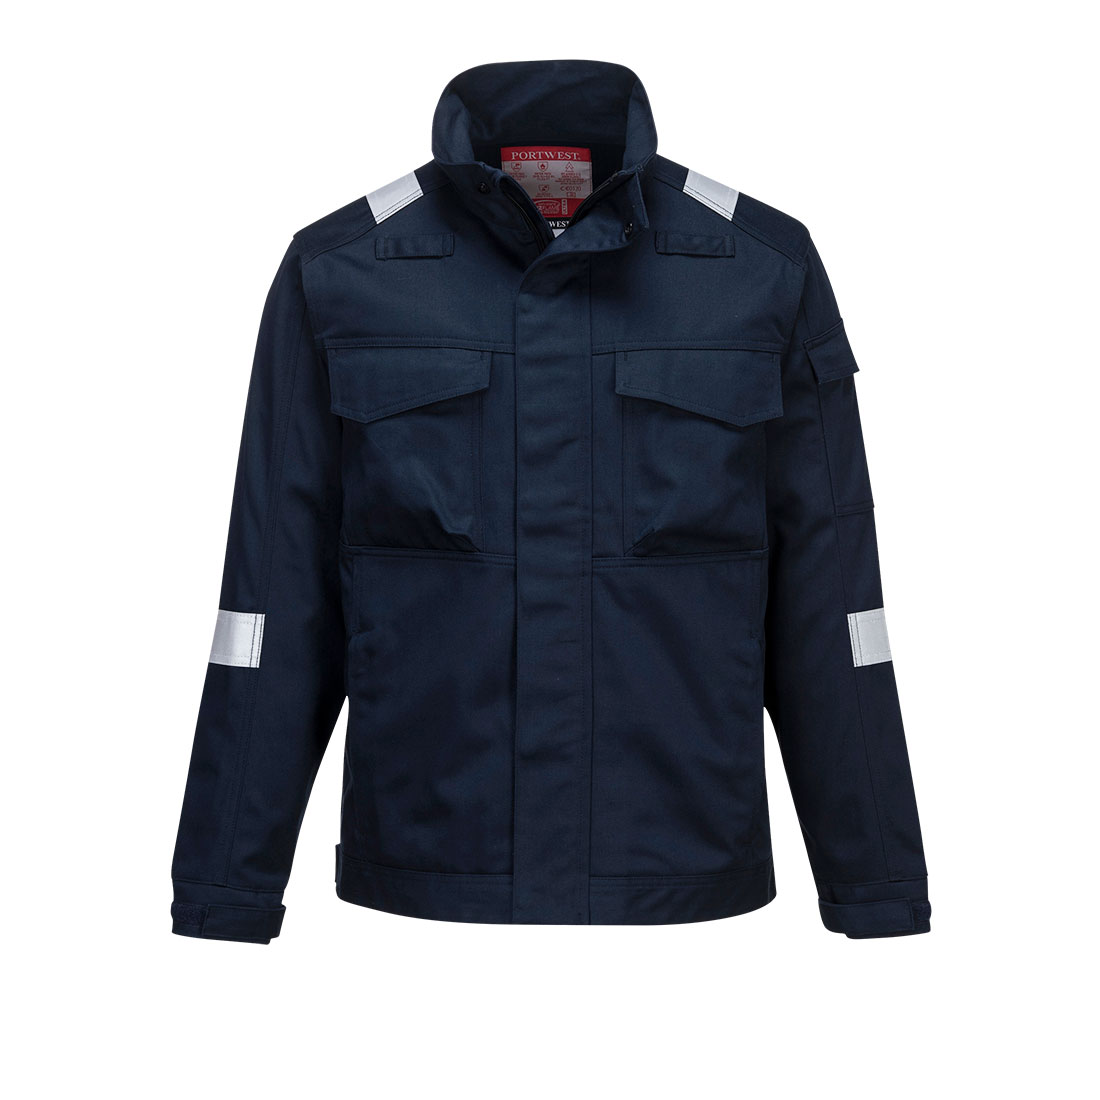 Portwest Bizflame Ultra Jacket - Navy